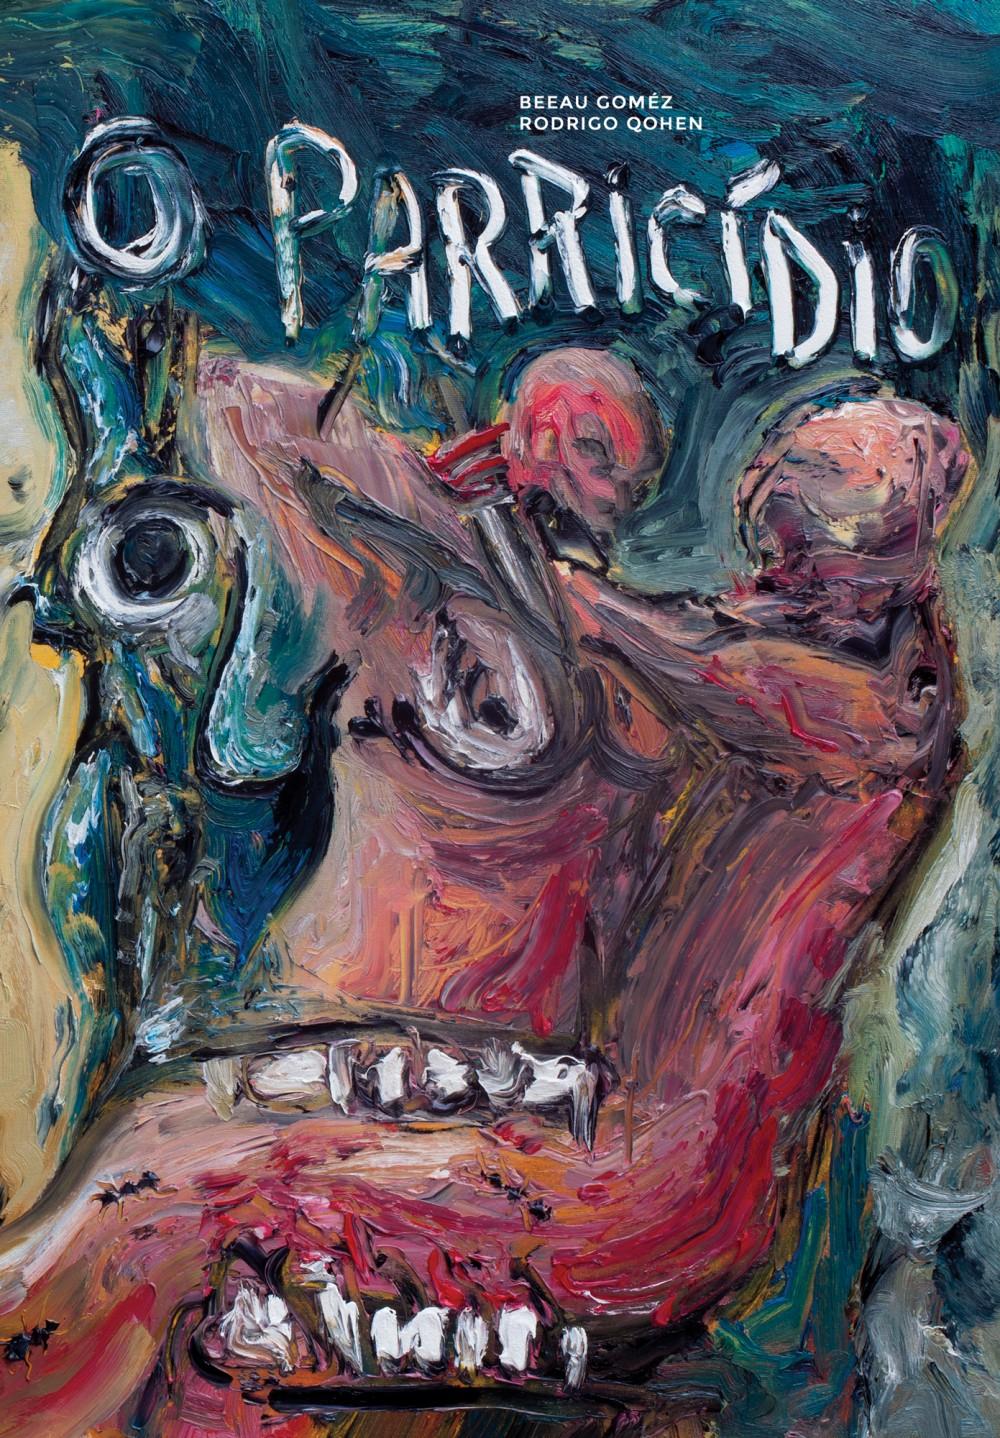 A capa e uma prévia de quatro páginas de O Parricídio, a nova HQ de Beeau Goméz e Rodrigo Qohen